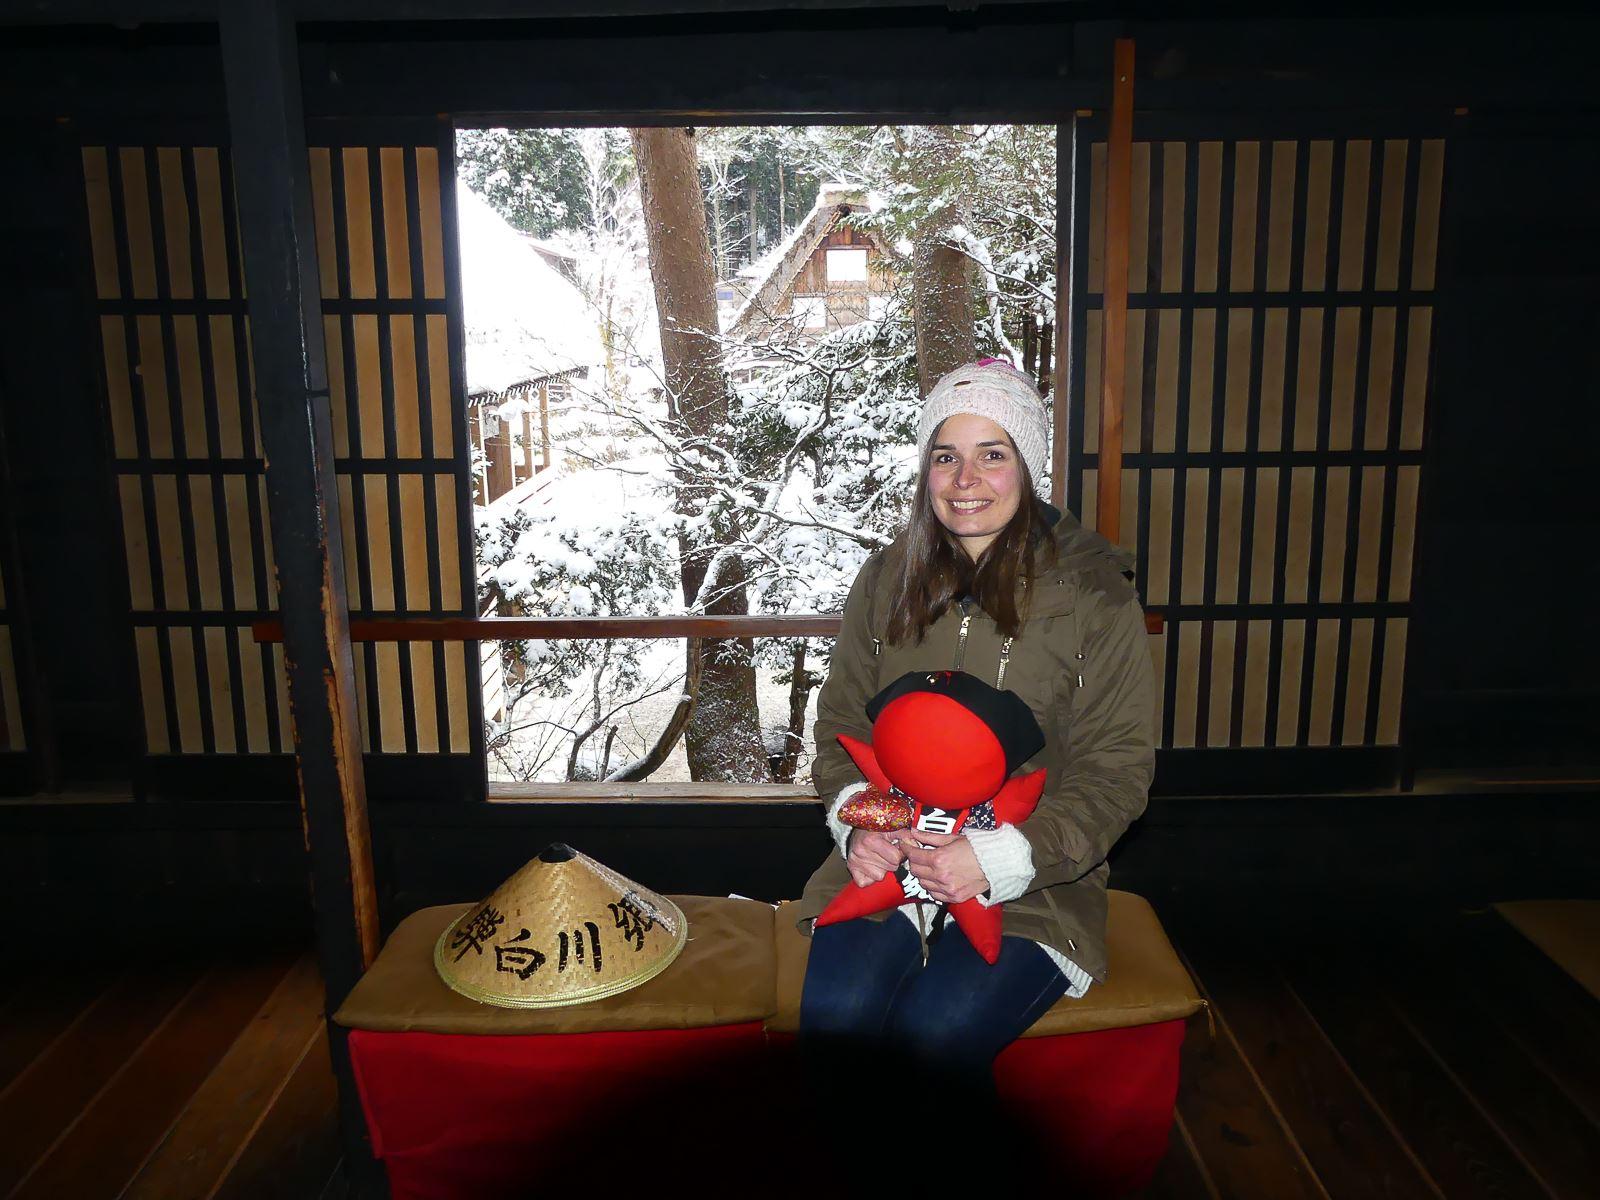 Musée Myozenji - Shirakawa-go